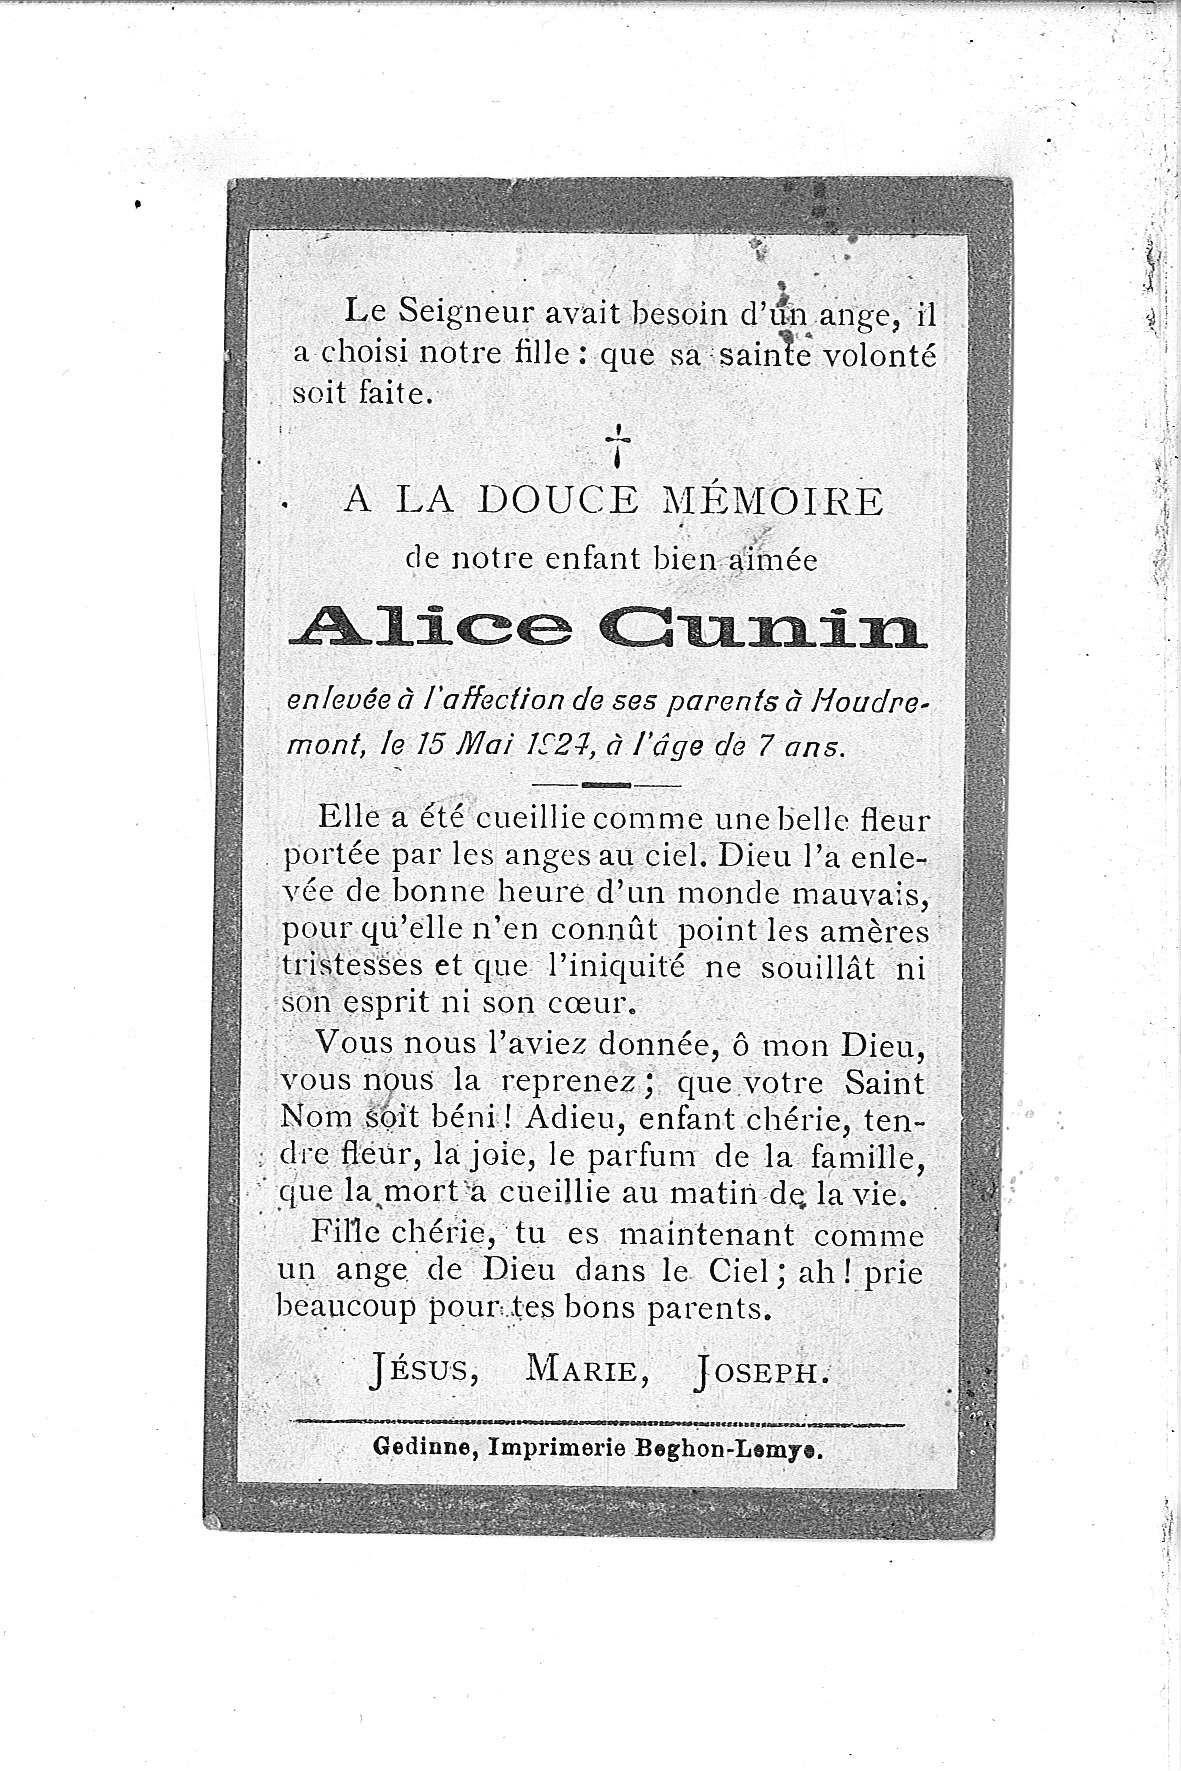 Alice (1924) 20120117161928_00090.jpg